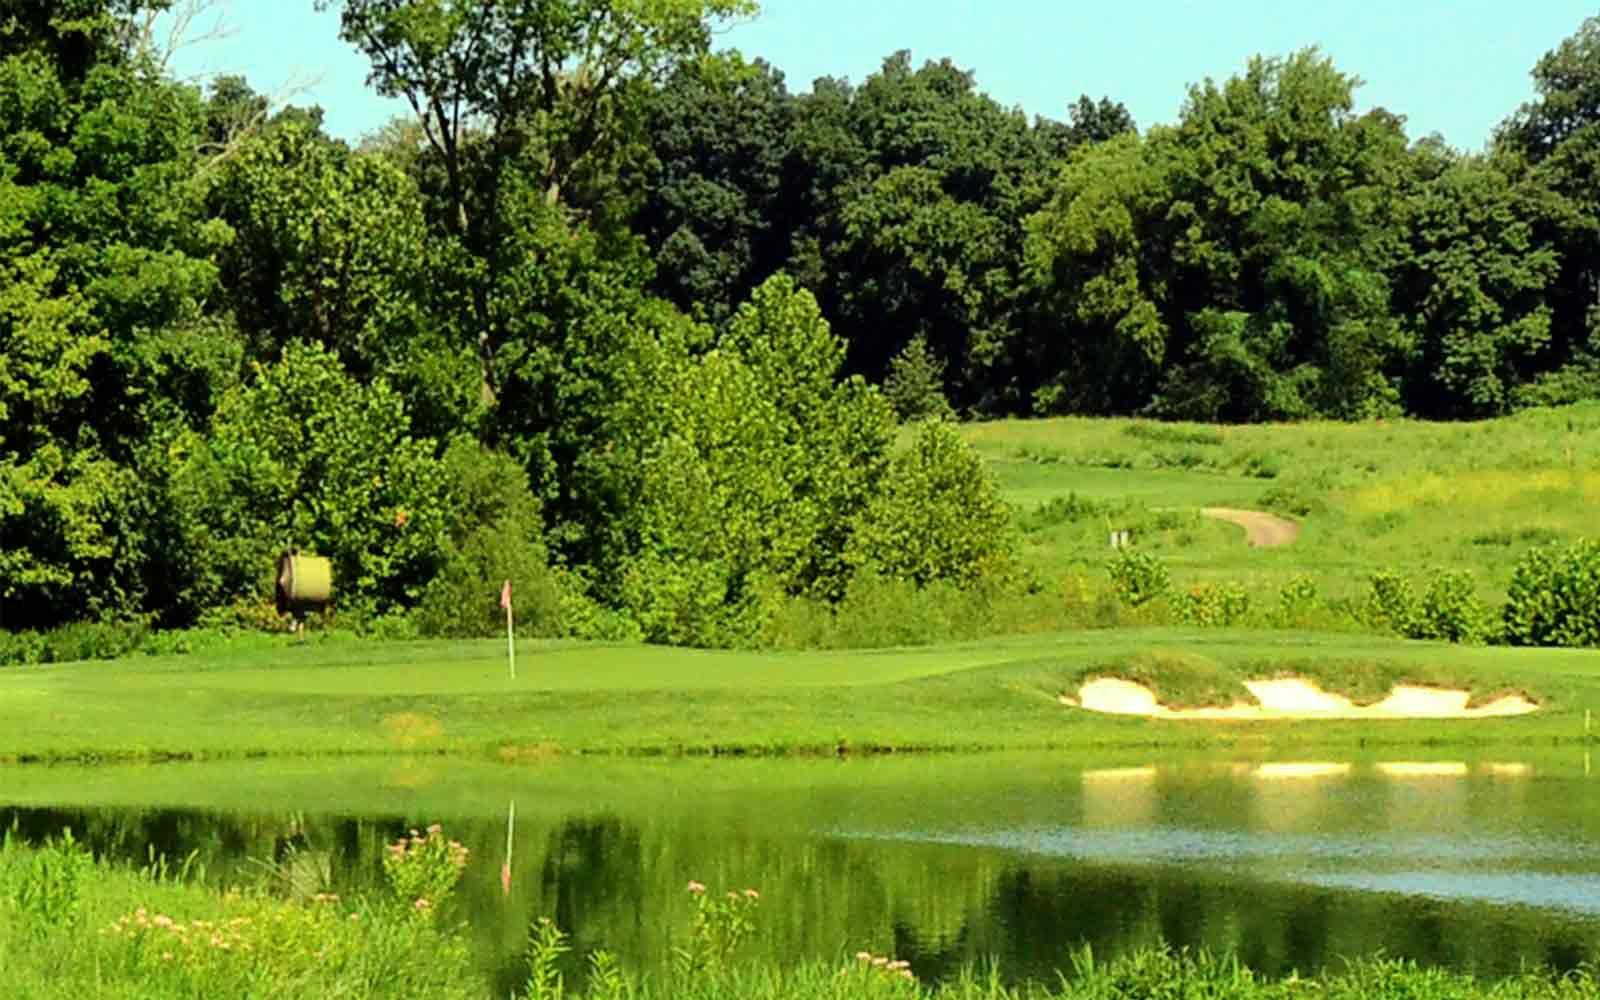 Dalhousie Golf Club. Best Golf Courses in Cape Girardeau, Missouri